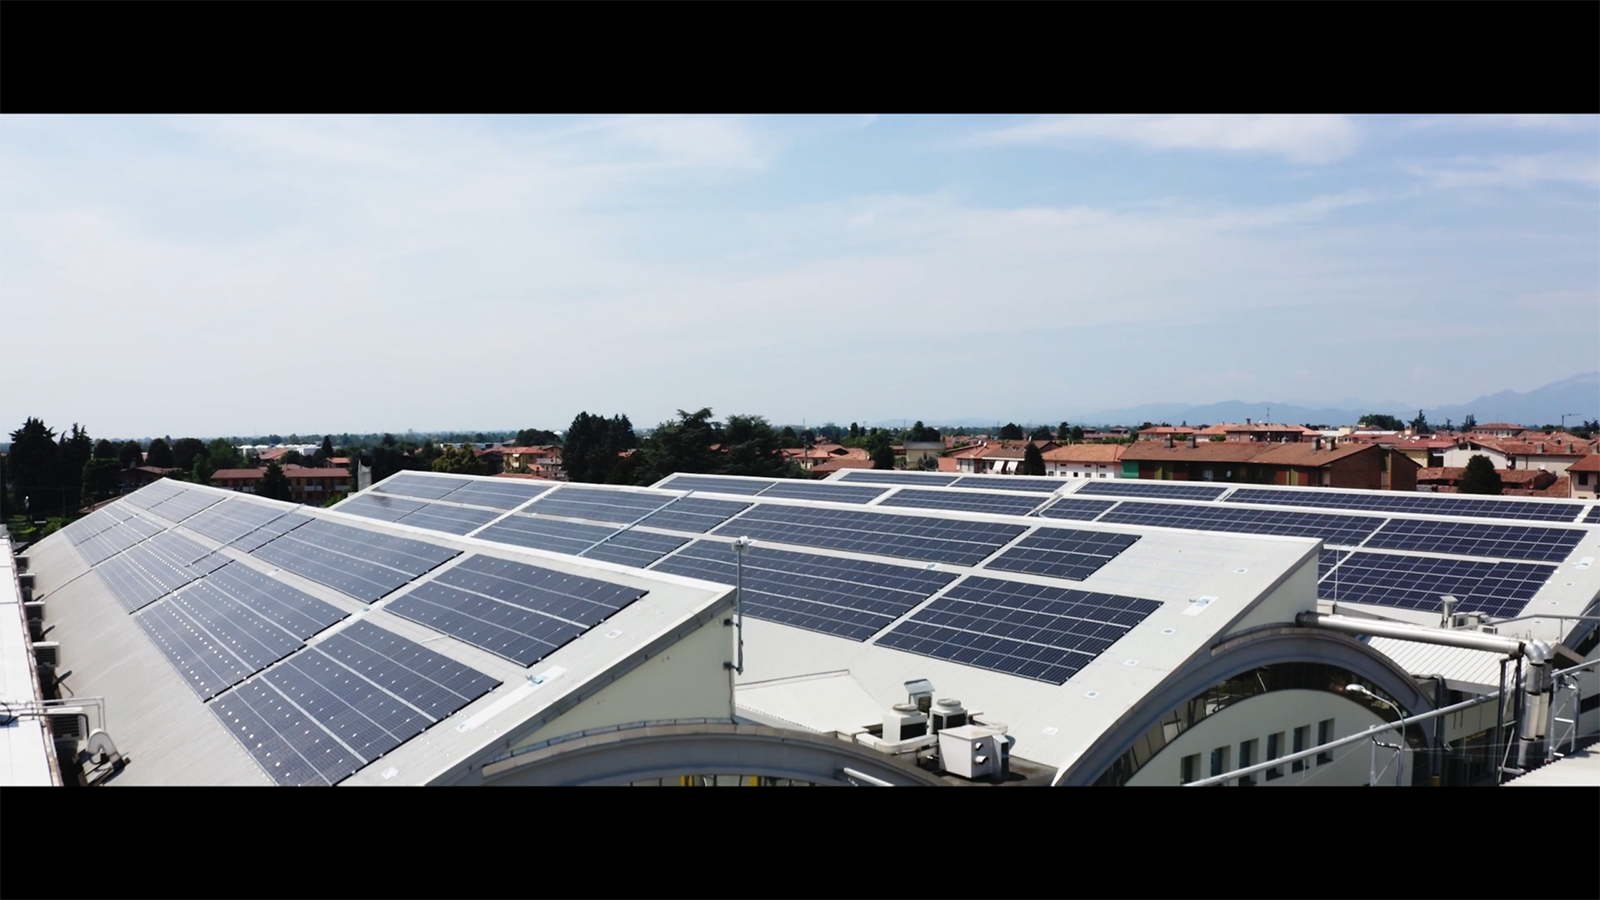 sostenibilità aziendale Miti Spa - Greenperforming